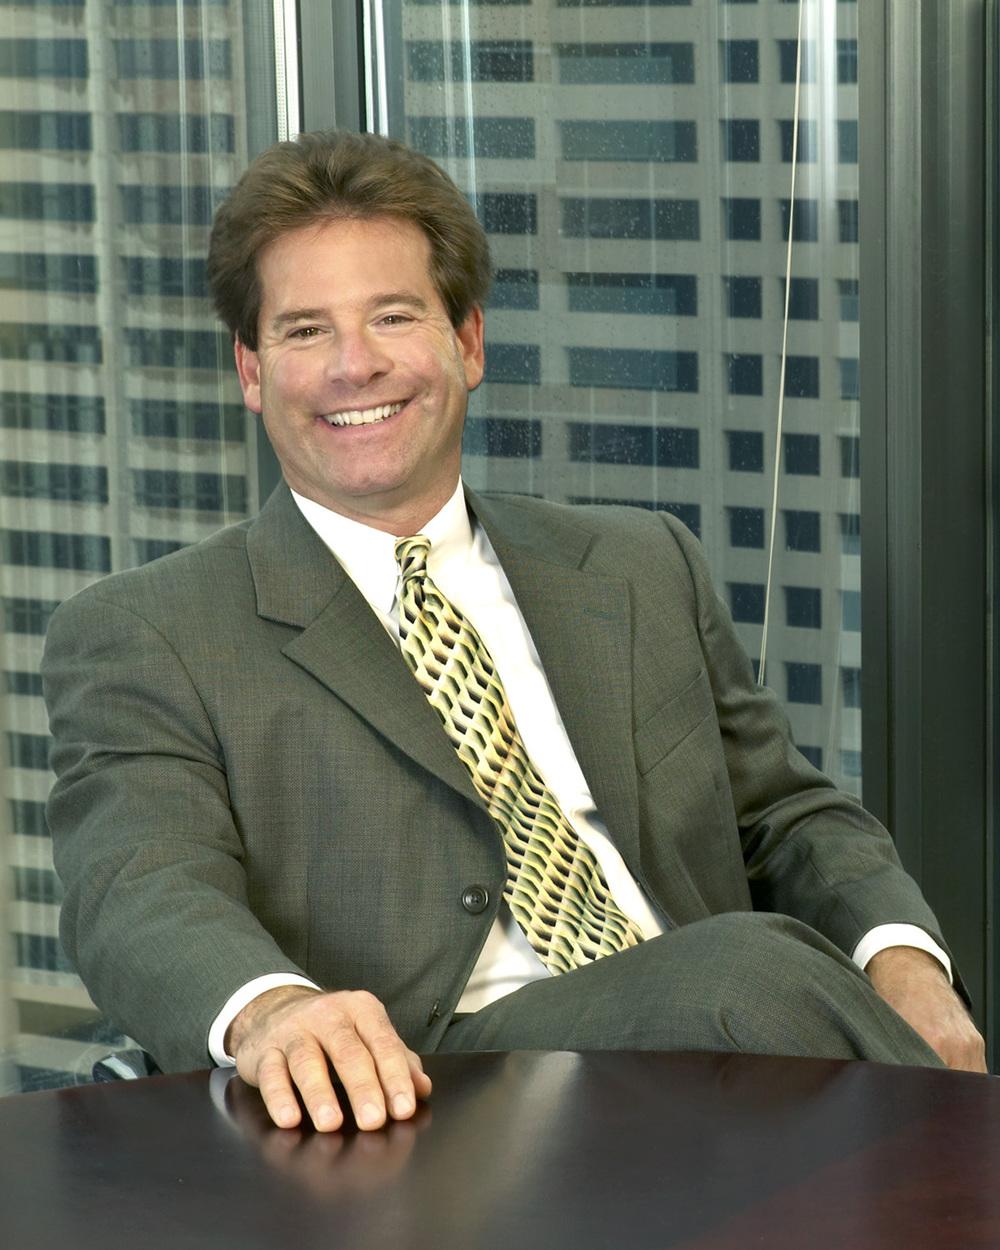 Brad Lehrman